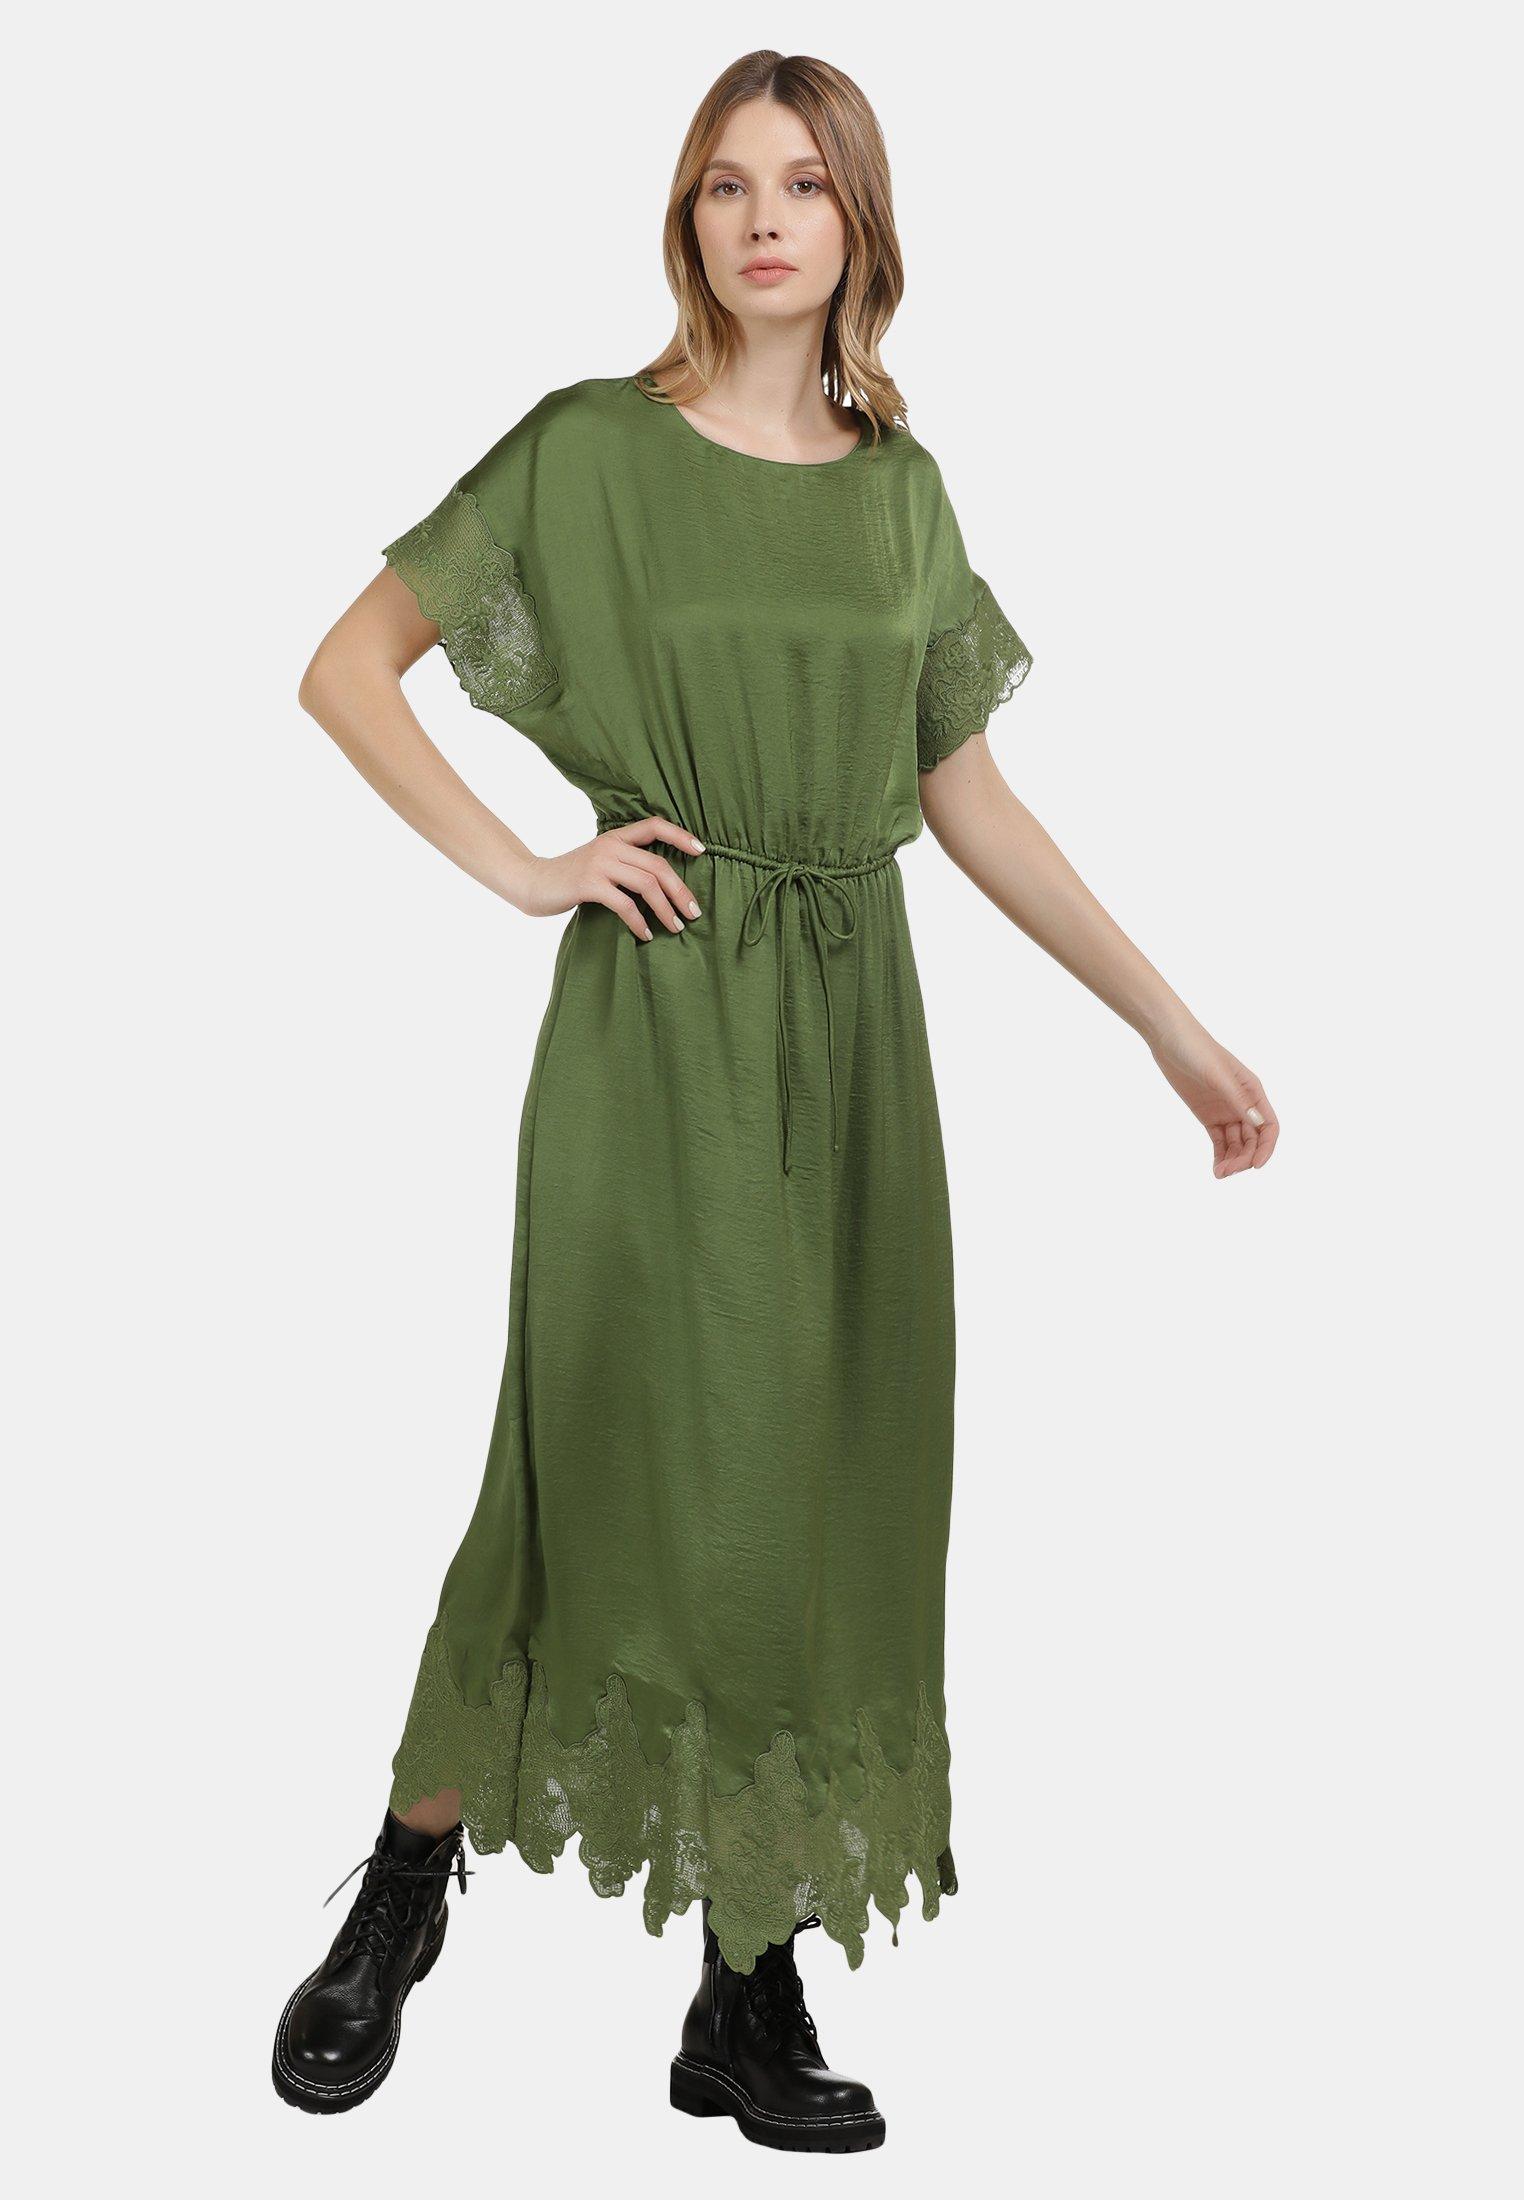 Osta Uusin Naisten Vaatteet Sarja ddj54584sfGHYHD DreiMaster SATINKLEID Maksimekko oliv